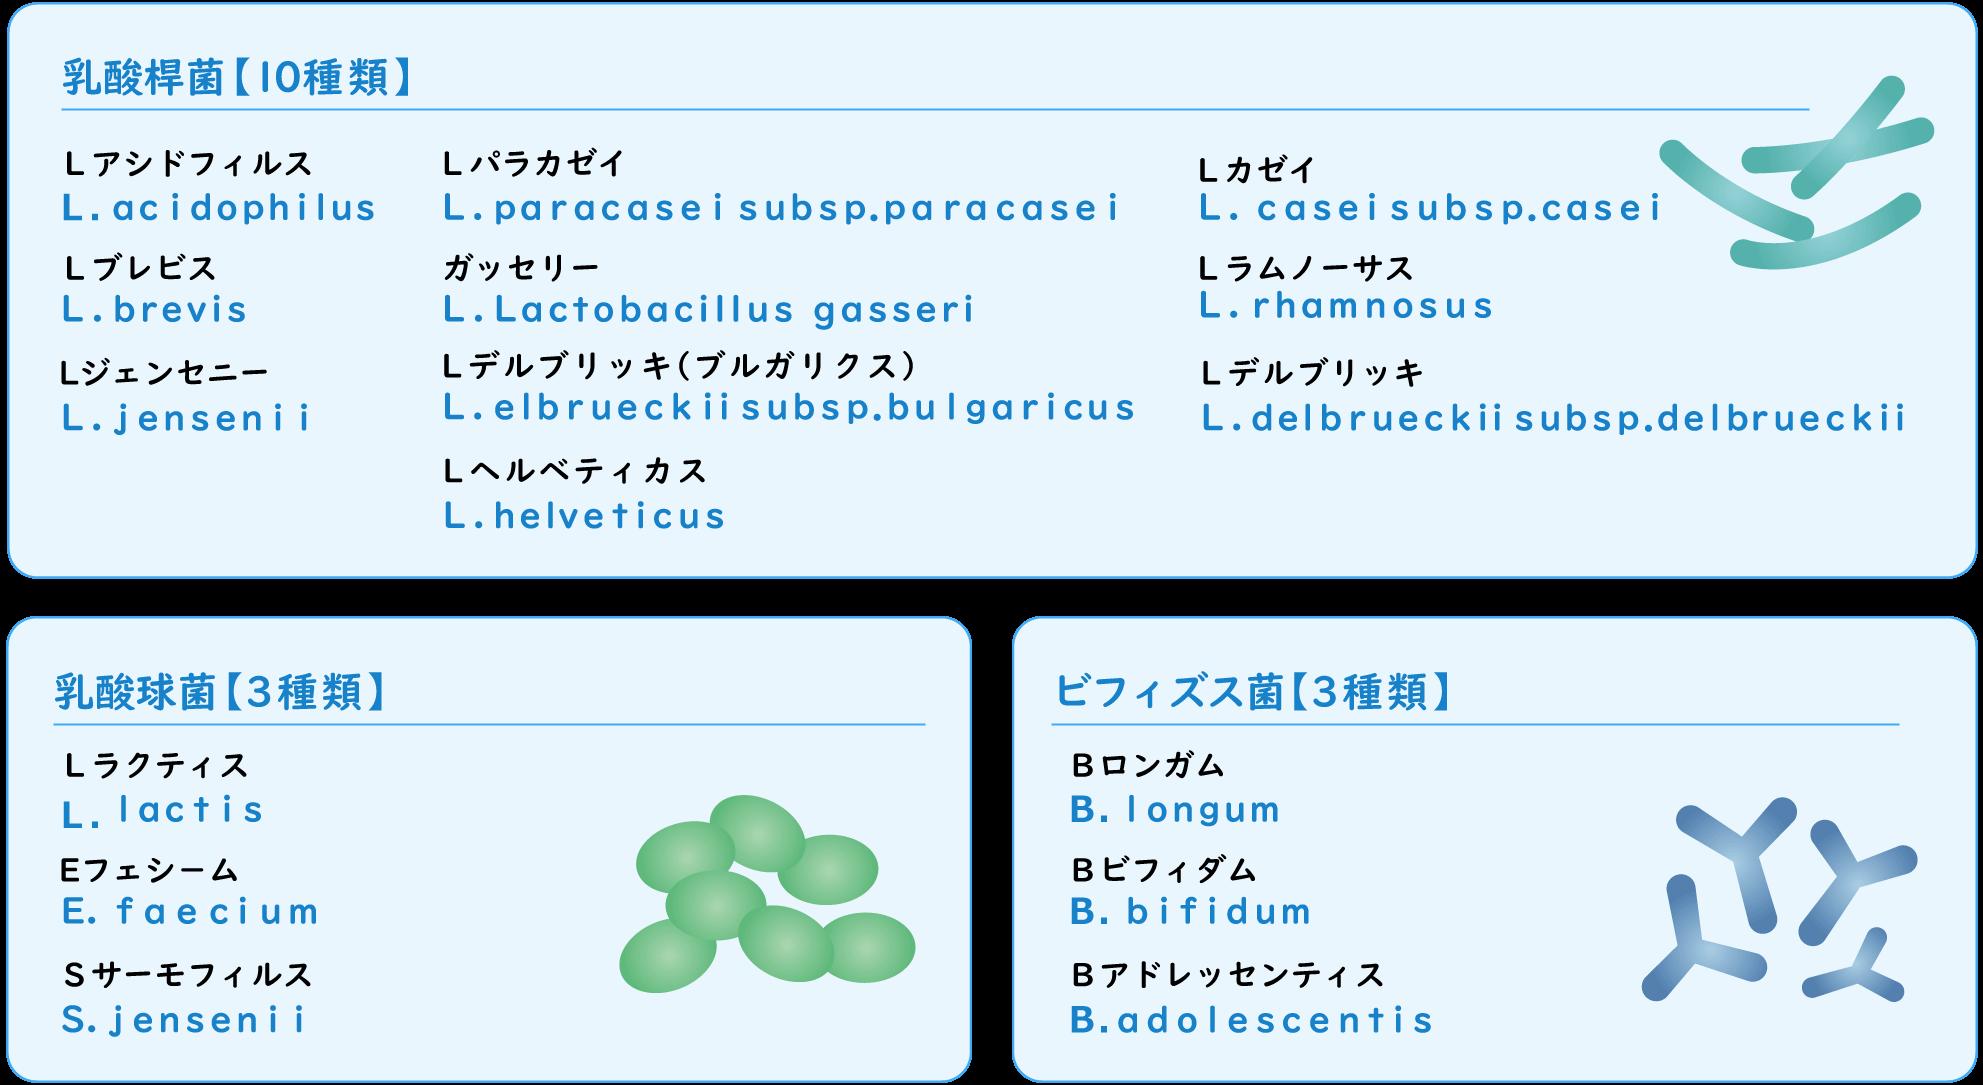 乳酸桿菌【10種類】乳酸球菌【3種類】ビフィズス菌【3種類】の一覧表